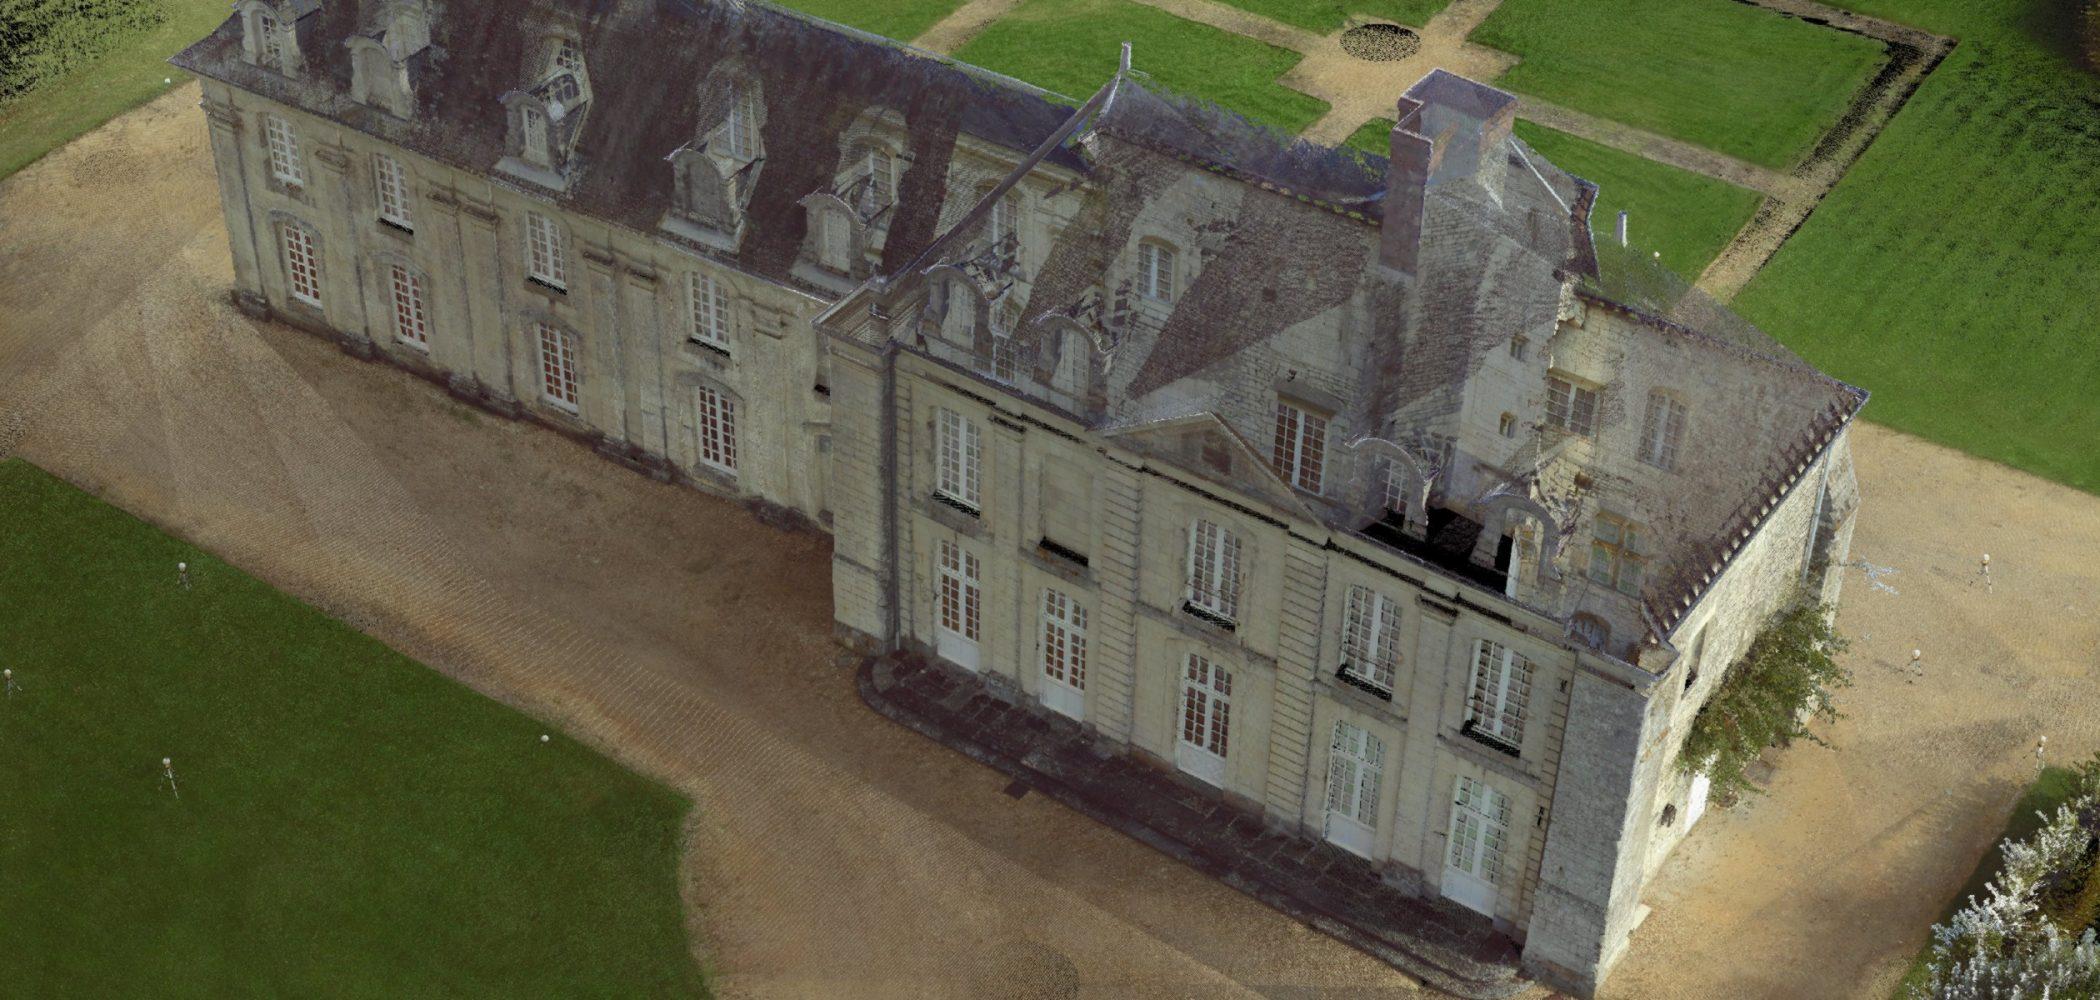 Relevés Laser 3D Des Facades D'un Château